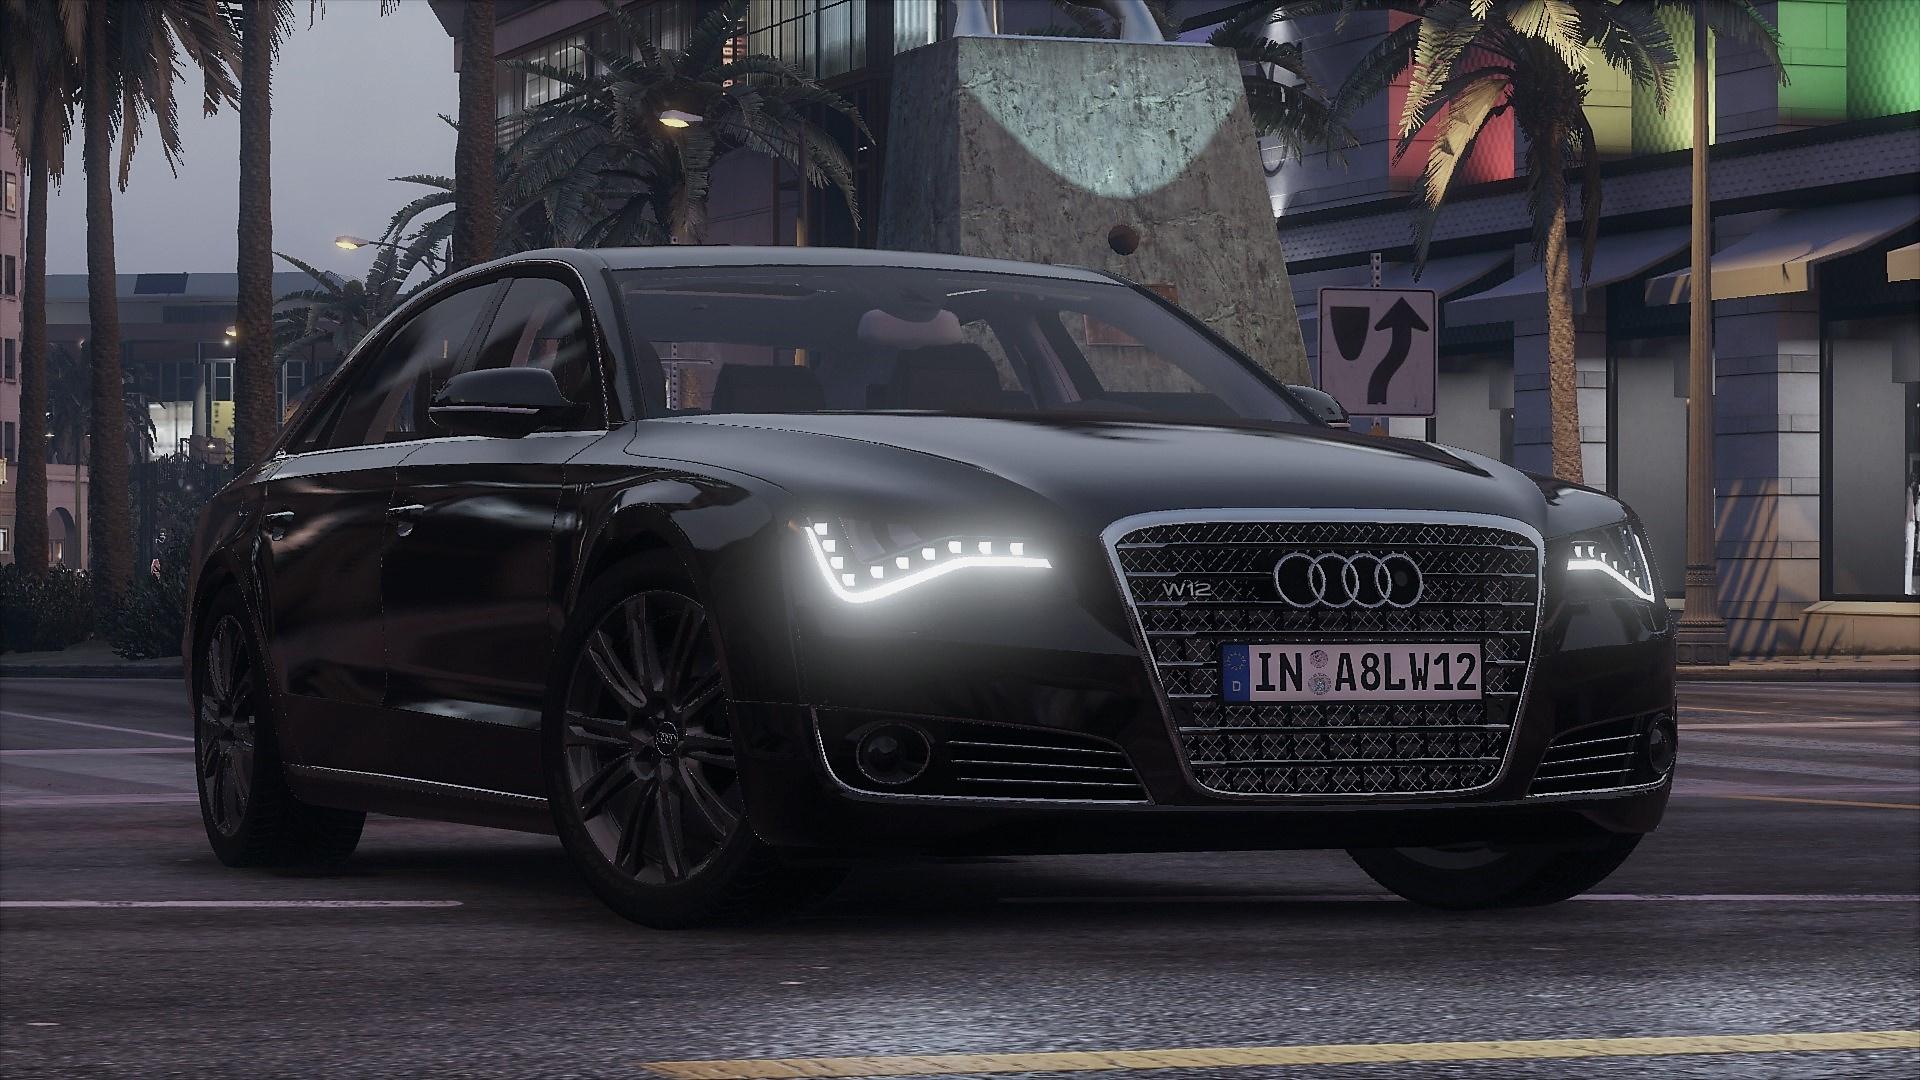 2011 Audi A8 L W12 Quattro (D4) [Add-On | tuning] - GTA5-Mods.com  Audi A W on 2005 audi a8 w12, audi r8 w12, 2010 audi a8 l, 2004 audi a8 w12, 2007 audi a8 w12, 2010 audi a8l w12, 2008 audi a8 w12,